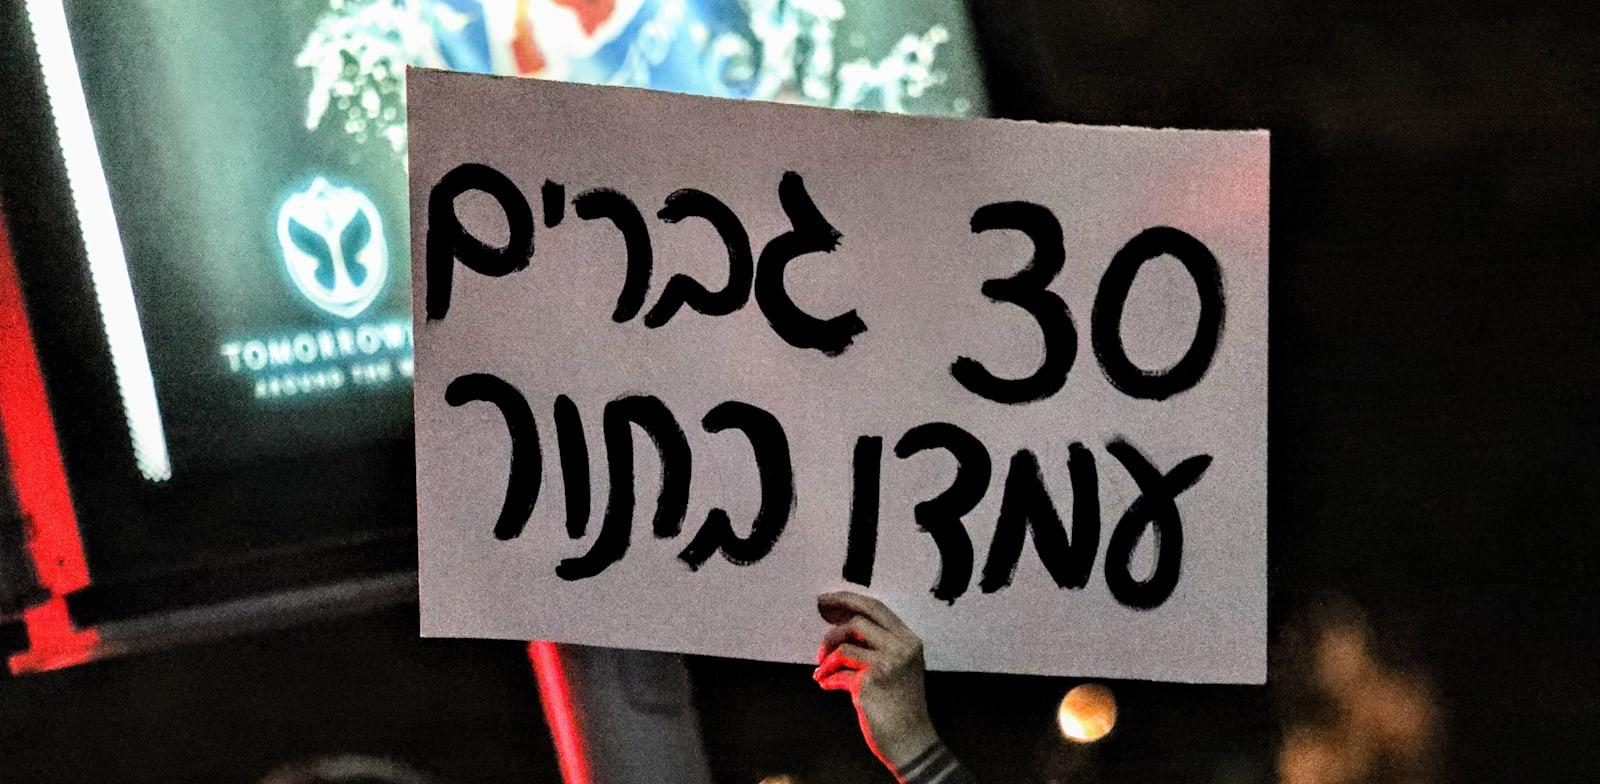 הפגנת נשים בעקבות האונס באילת / צילום: שלומי יוסף